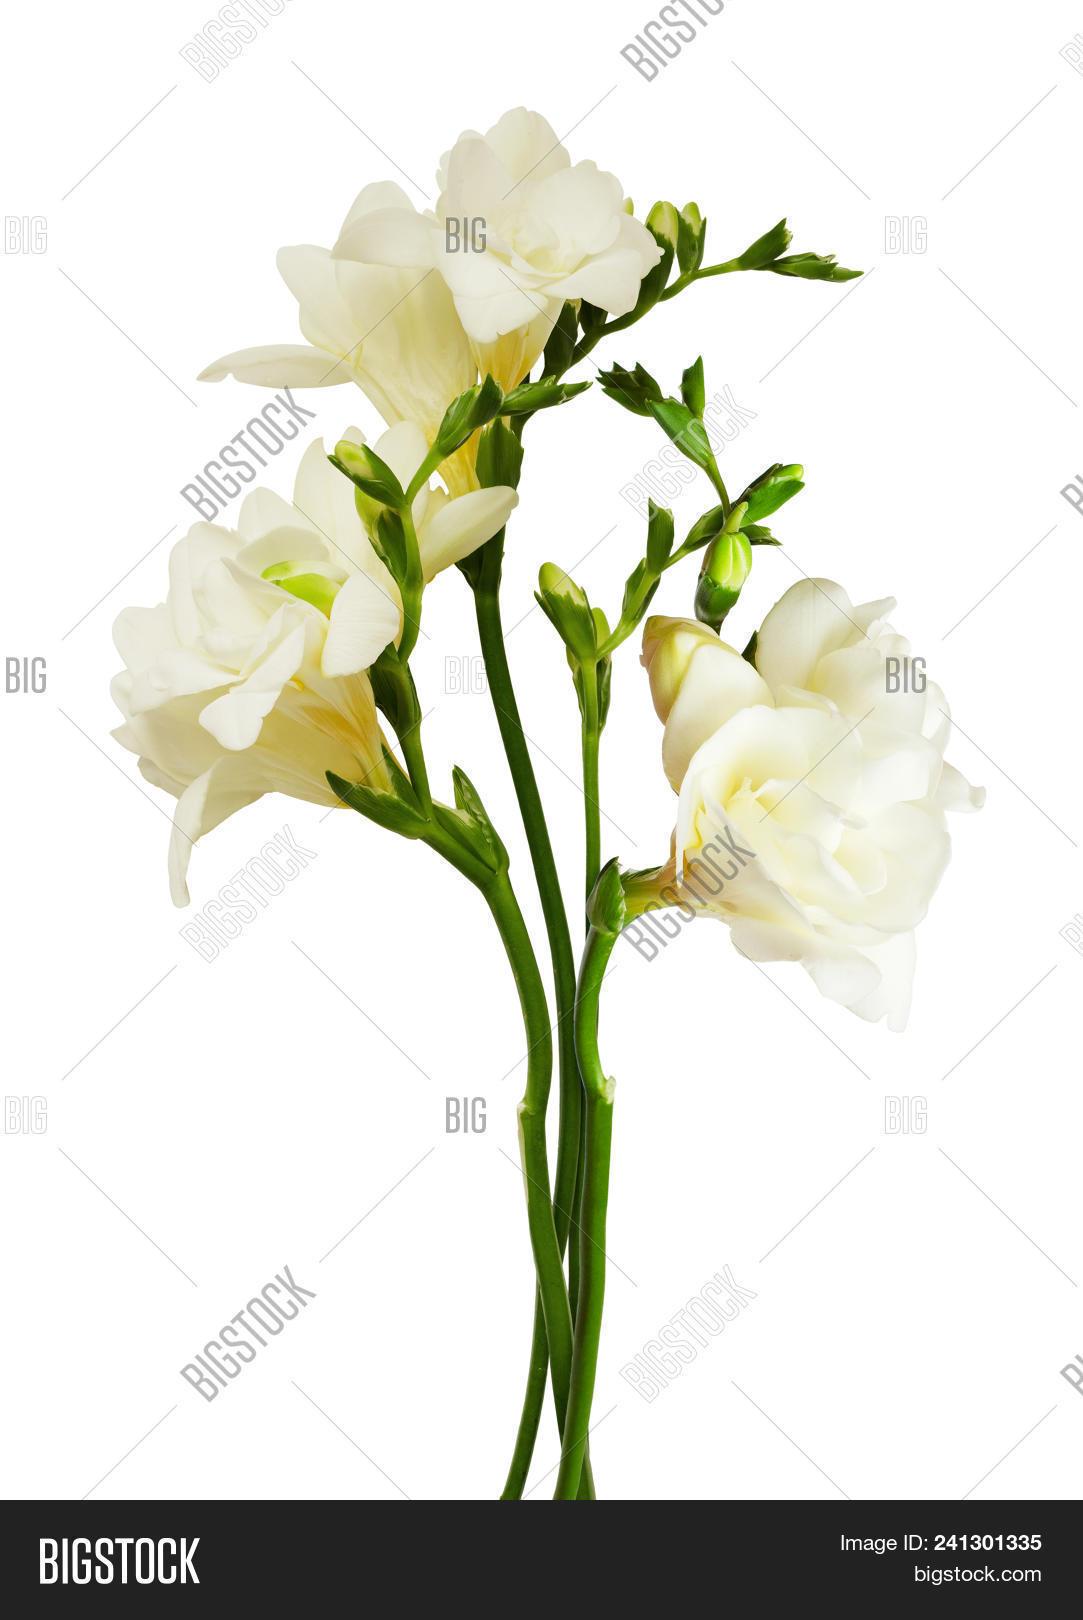 White freesia flowers image photo free trial bigstock white freesia flowers and buds isolated on white background mightylinksfo